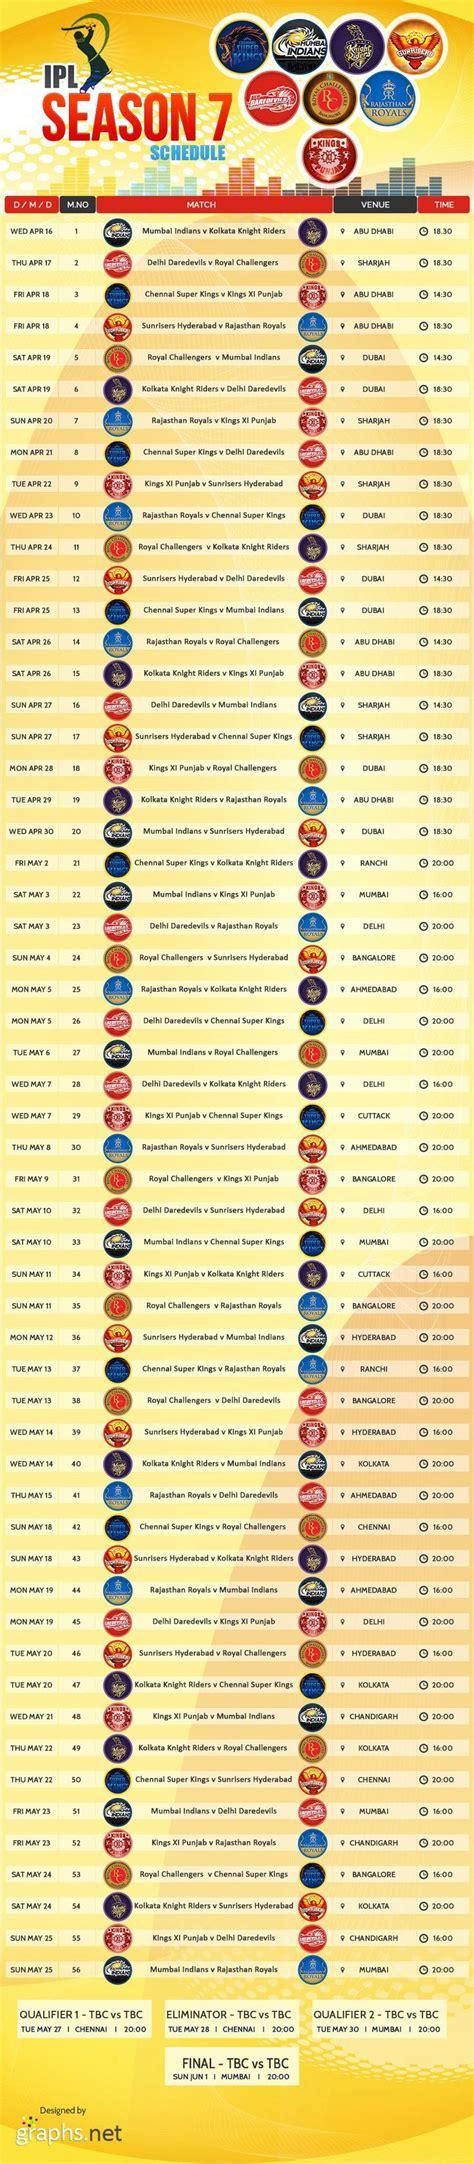 epl table cricket ipl season 7 schedule pepsiipl ipl7 cricket